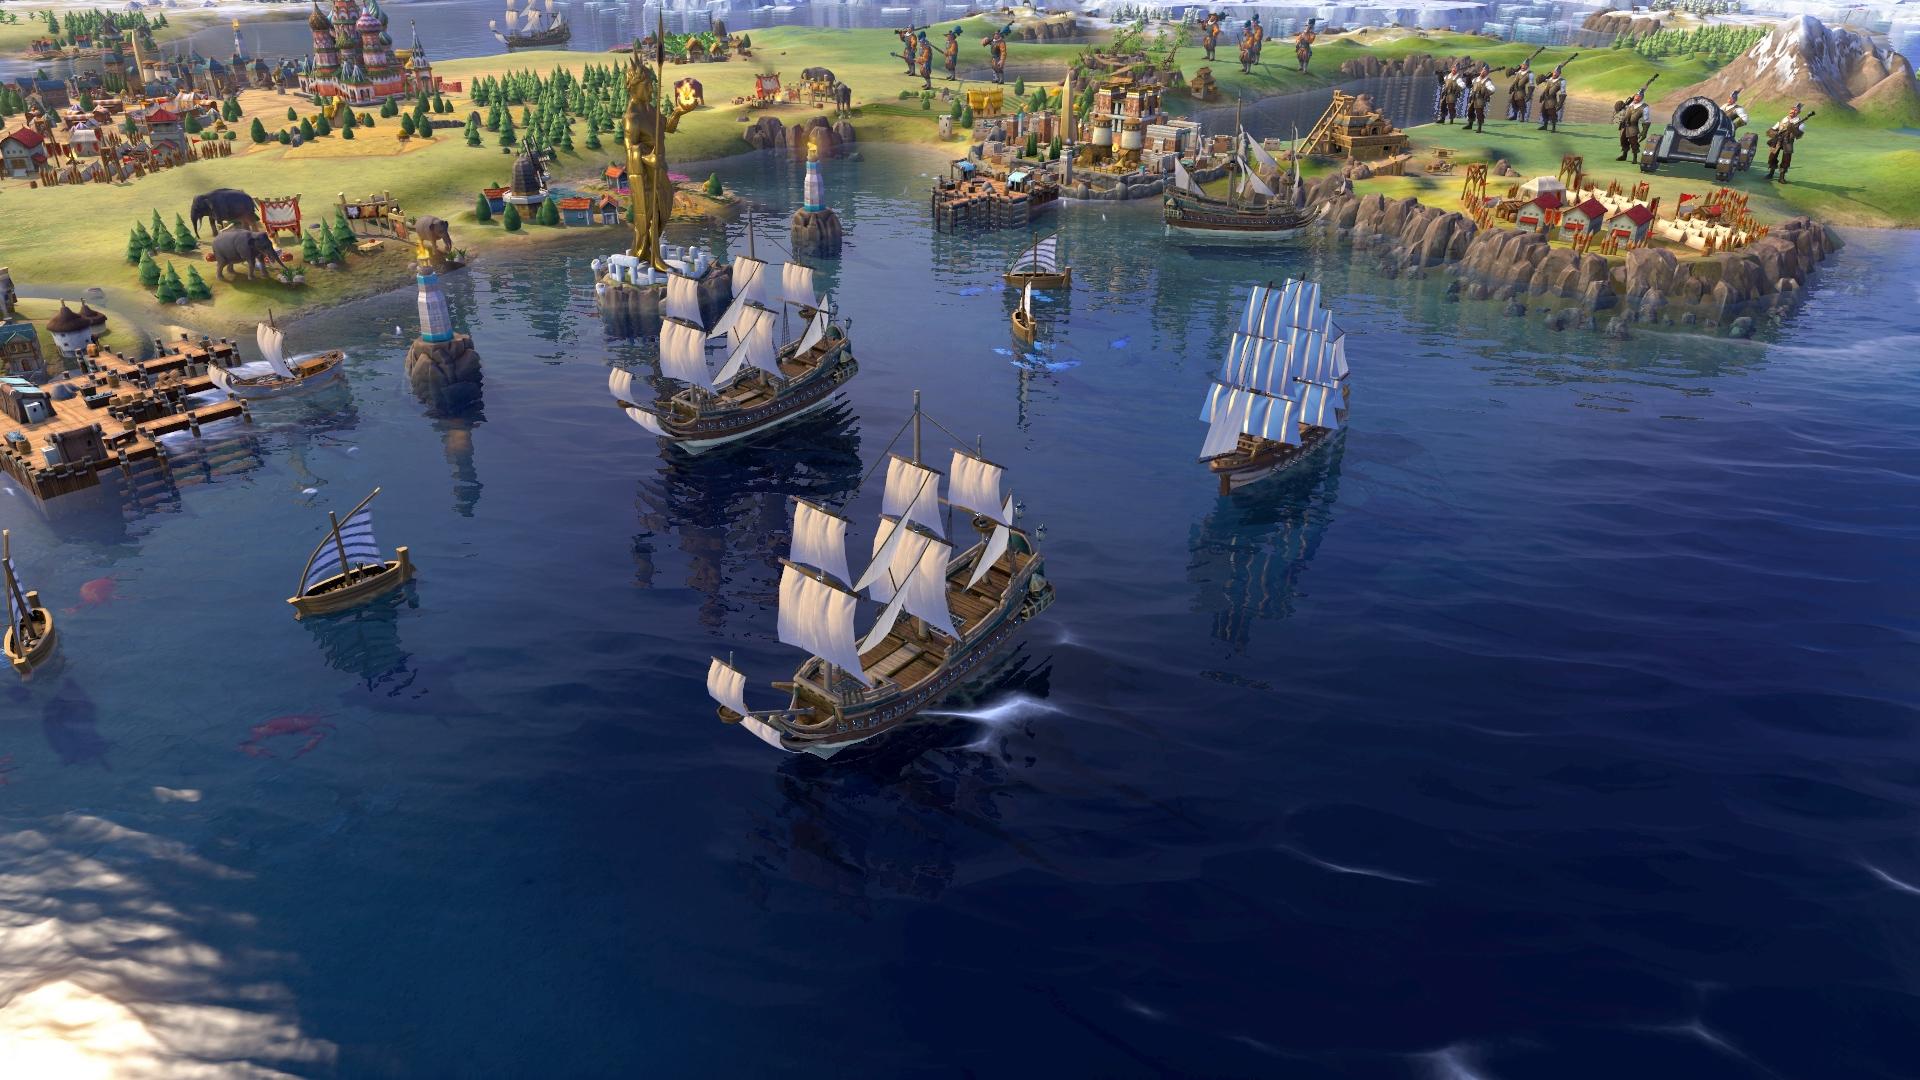 civilization-6-pc-screenshot-03